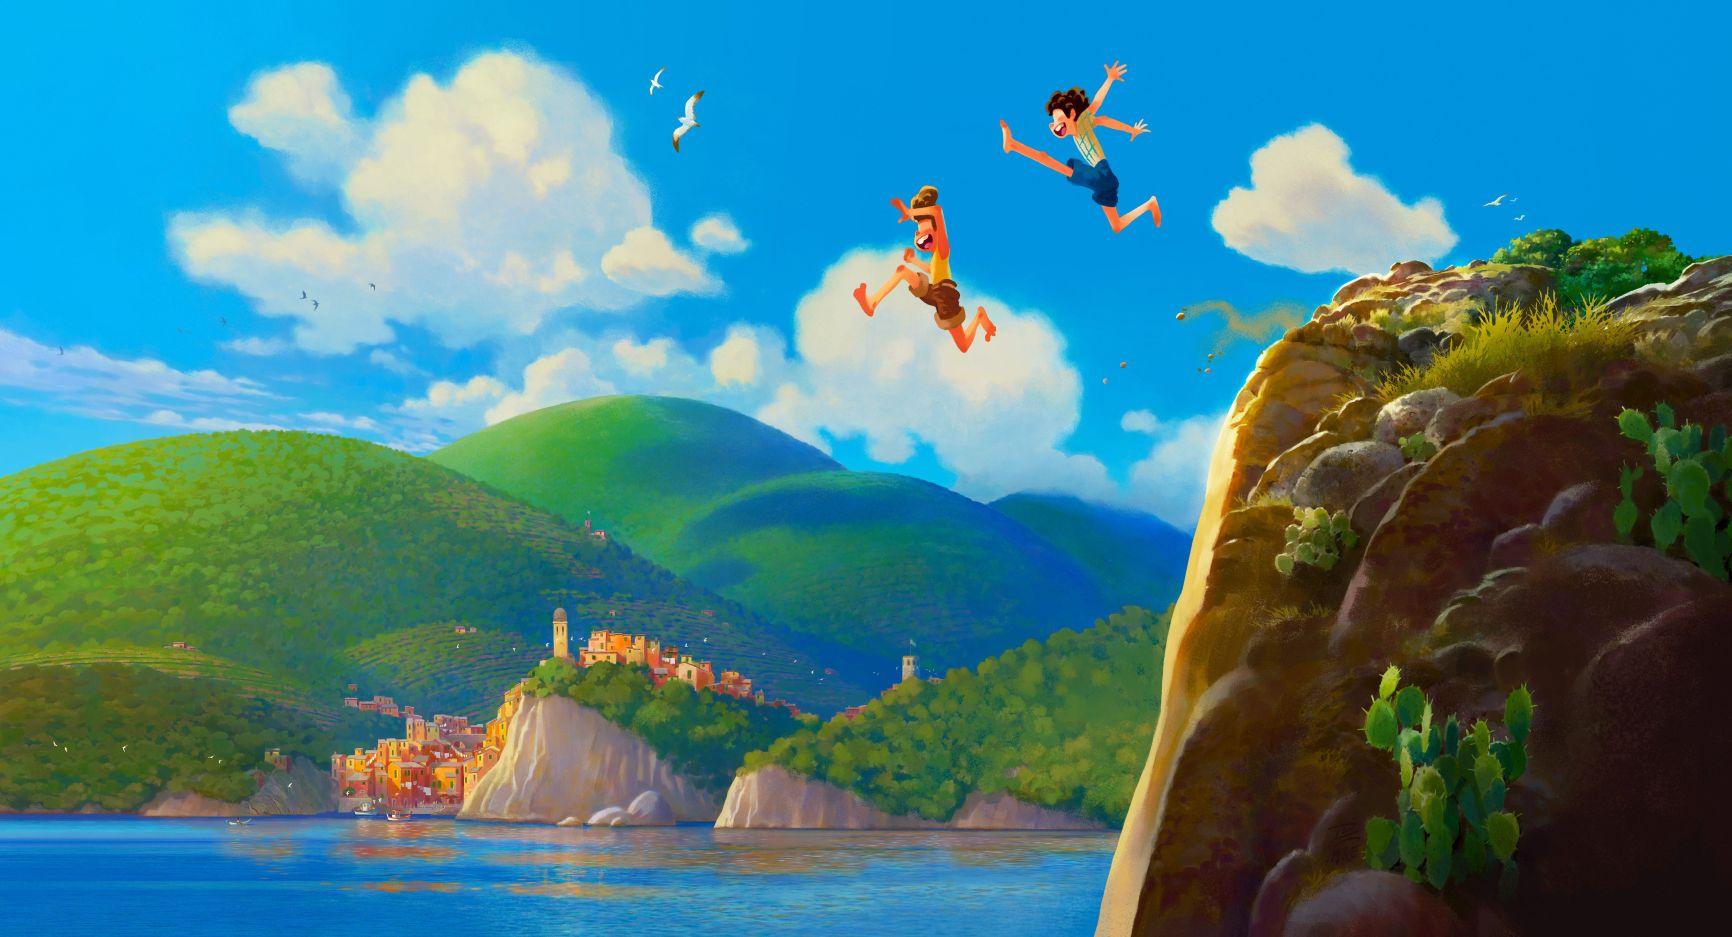 Pixar снимает мультфильм о летней мальчишеской дружбе и монстрах «Лука»